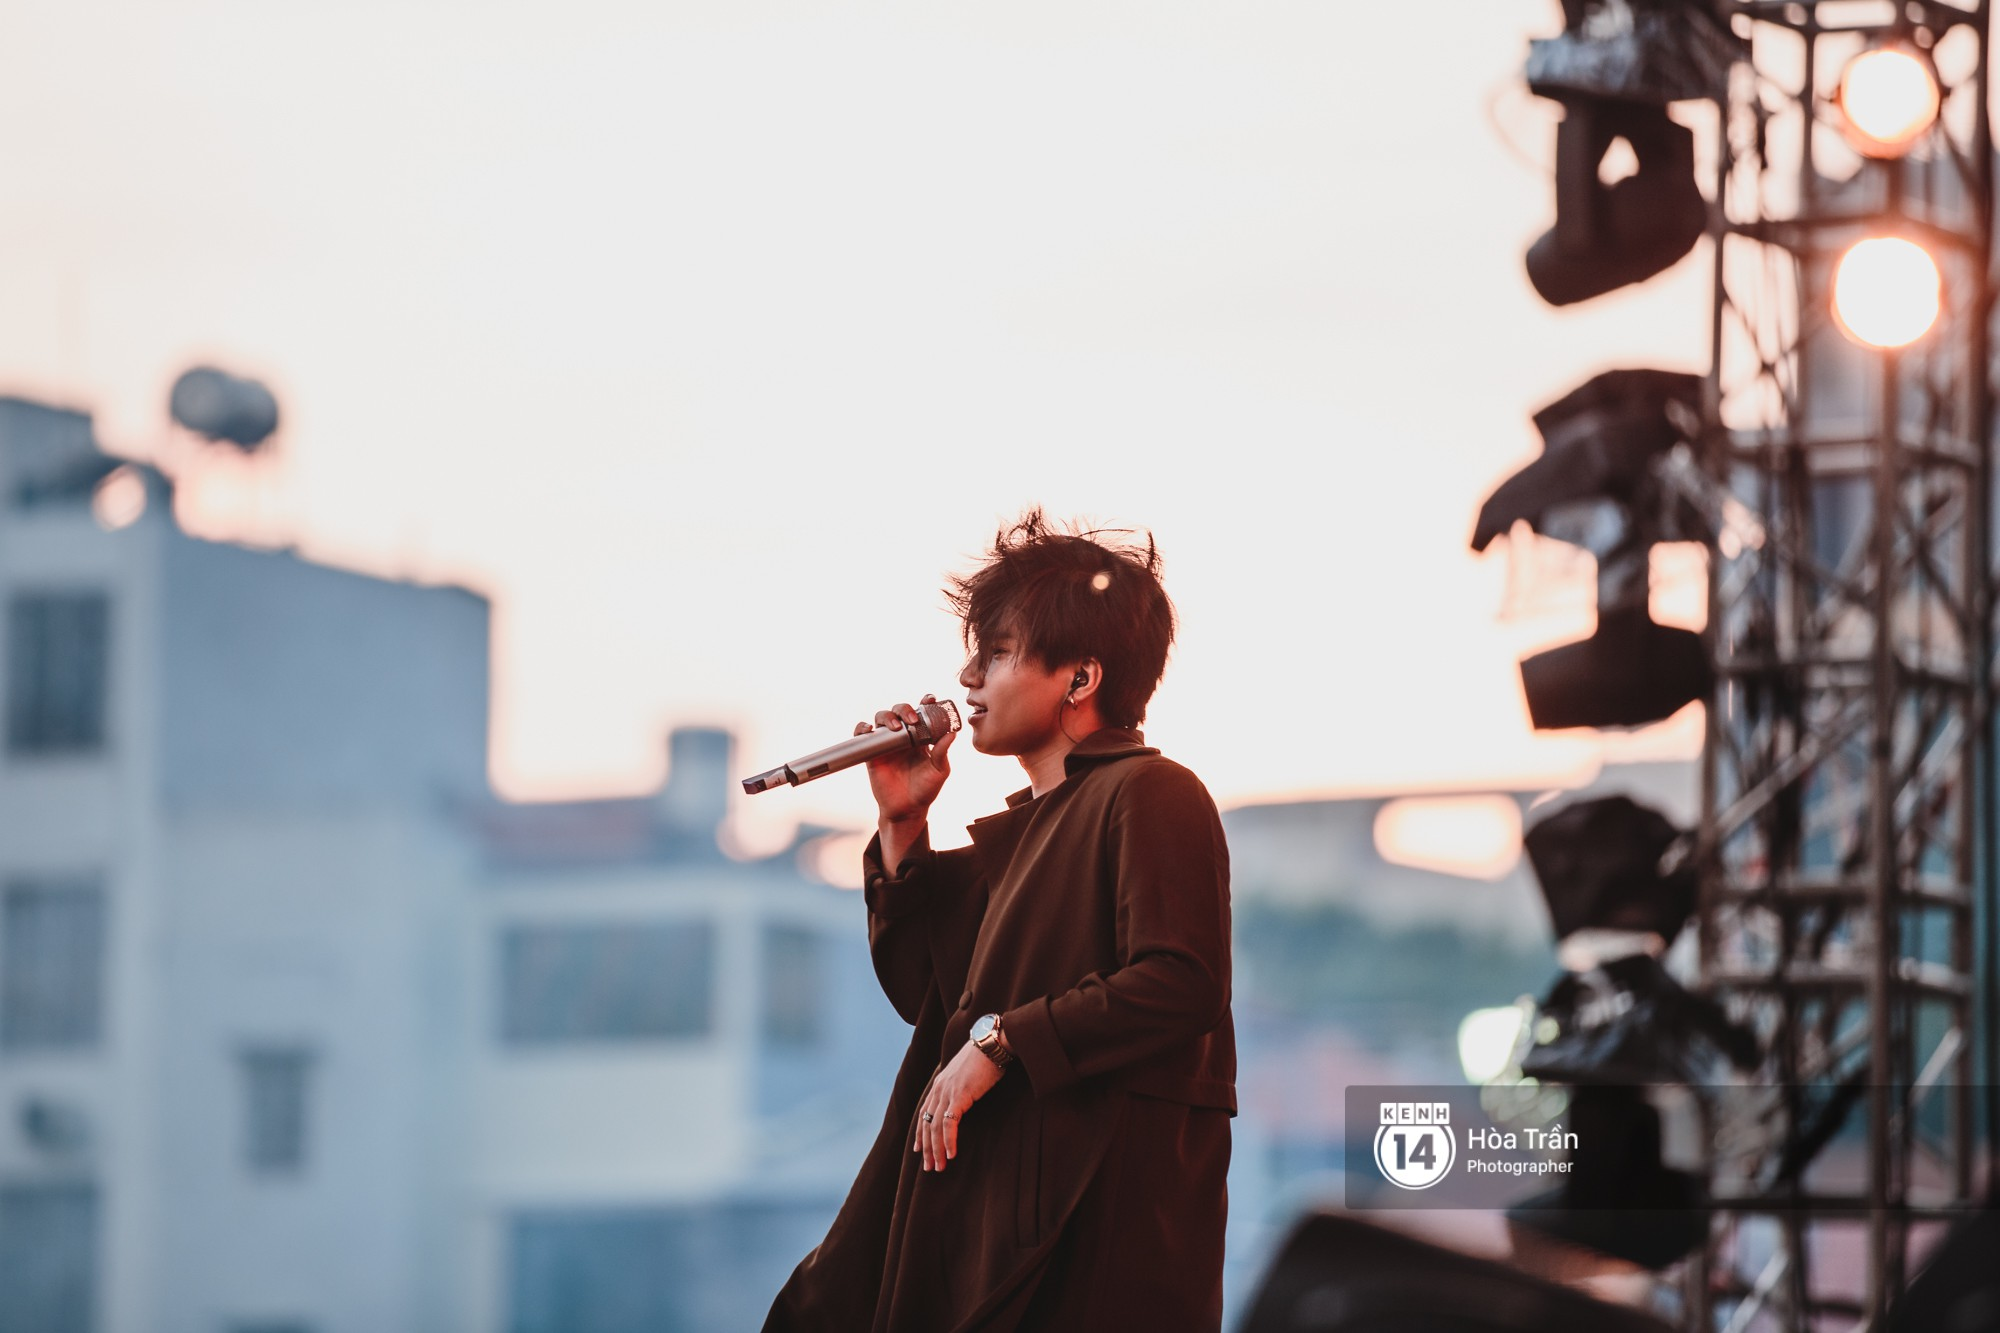 Đen Vâu, Vũ, Ngọt Band cũng loạt nghệ sỹ Indie đình đám khiến Sài Gòn tăng nhiệt tại Thơm Music Festival - Ảnh 1.